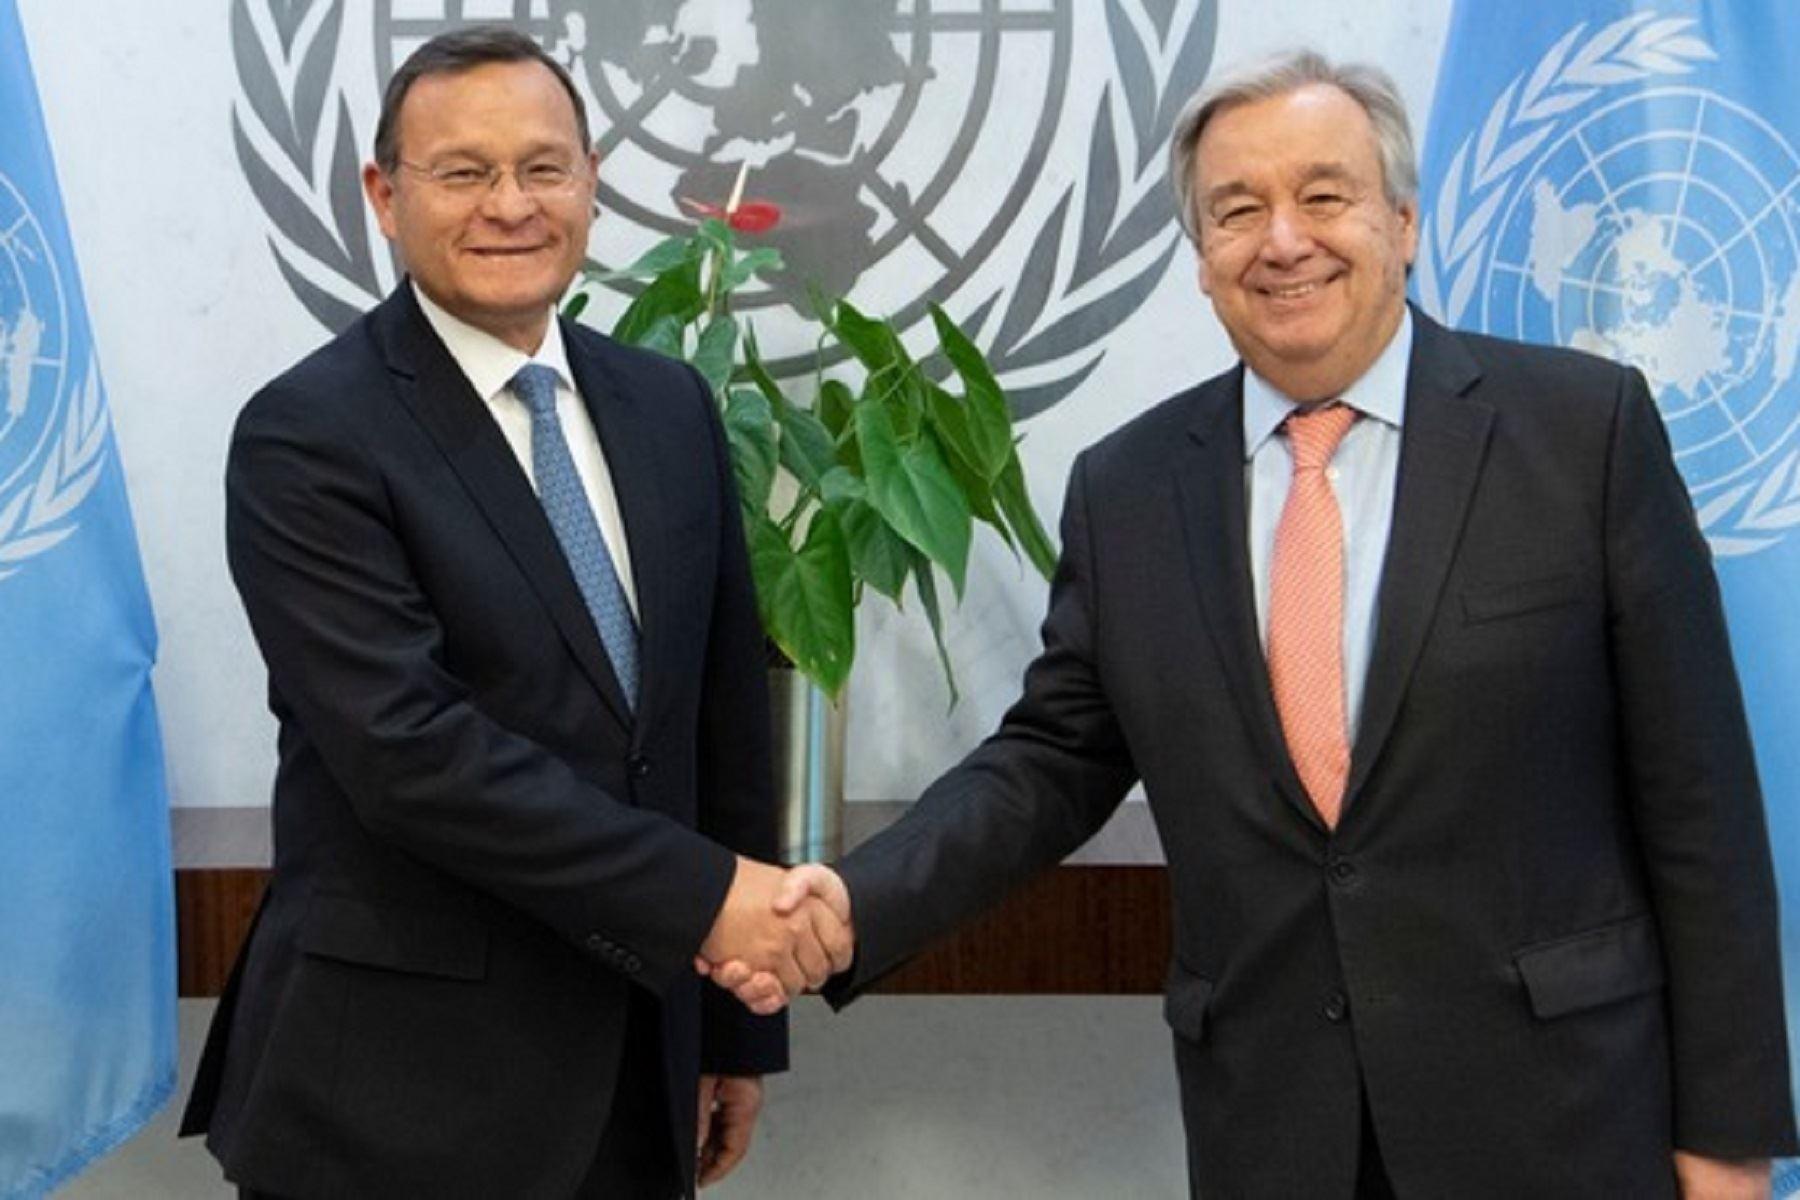 Embajador Néstor Popolizio, representante permanente del Perú ante la ONU y el secretario general de dicho organismo, Antonio Guterres. Foto: Difusión.